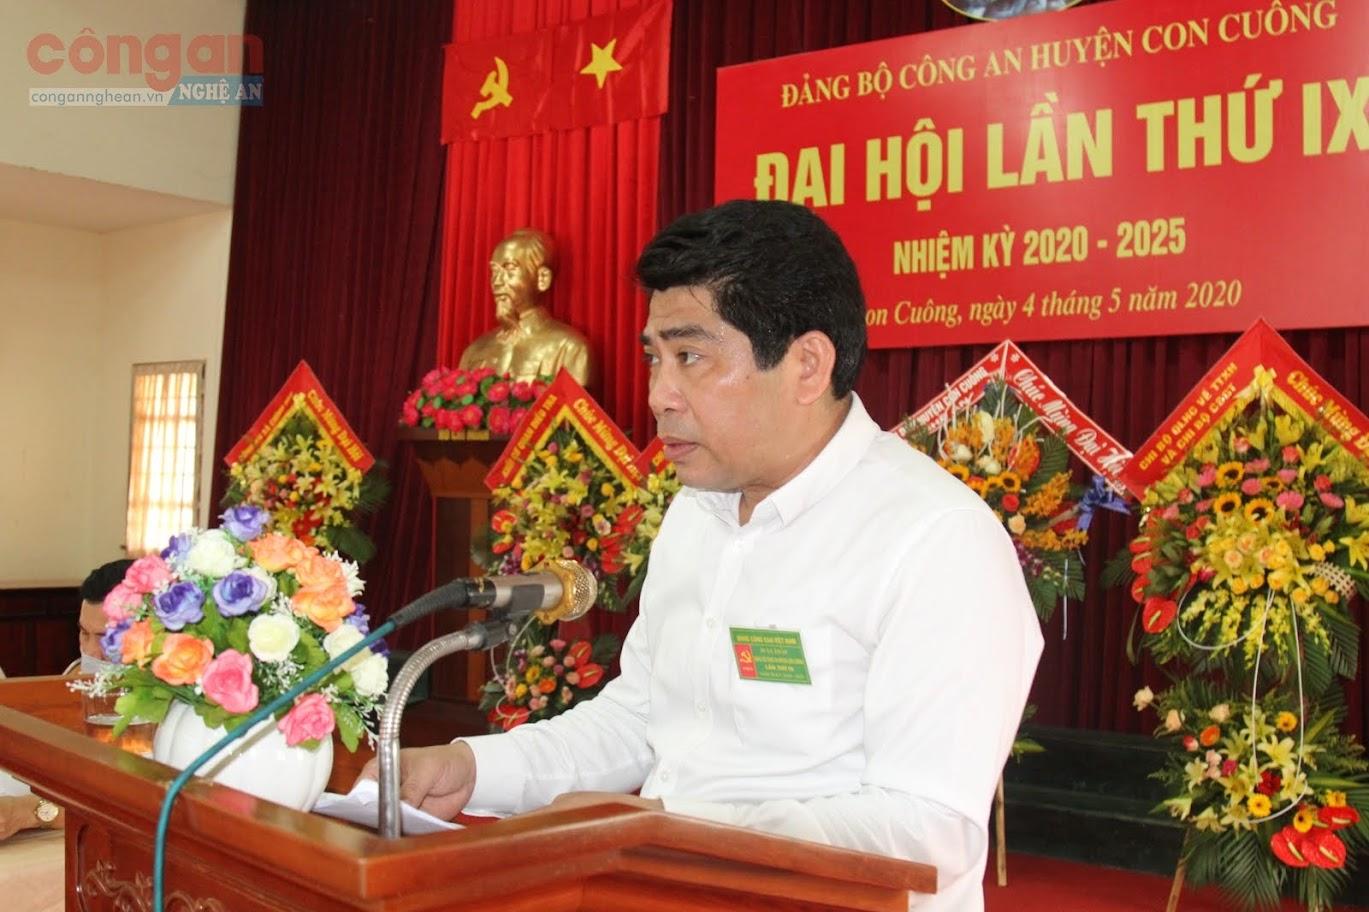 Đồng chí Vi Văn Sơn, Chủ tịch UBND huyện ghi nhận những kết quả mà Đảng bộ Công an huyện Con Cuông đạt được trong nhiệm kỳ qua.